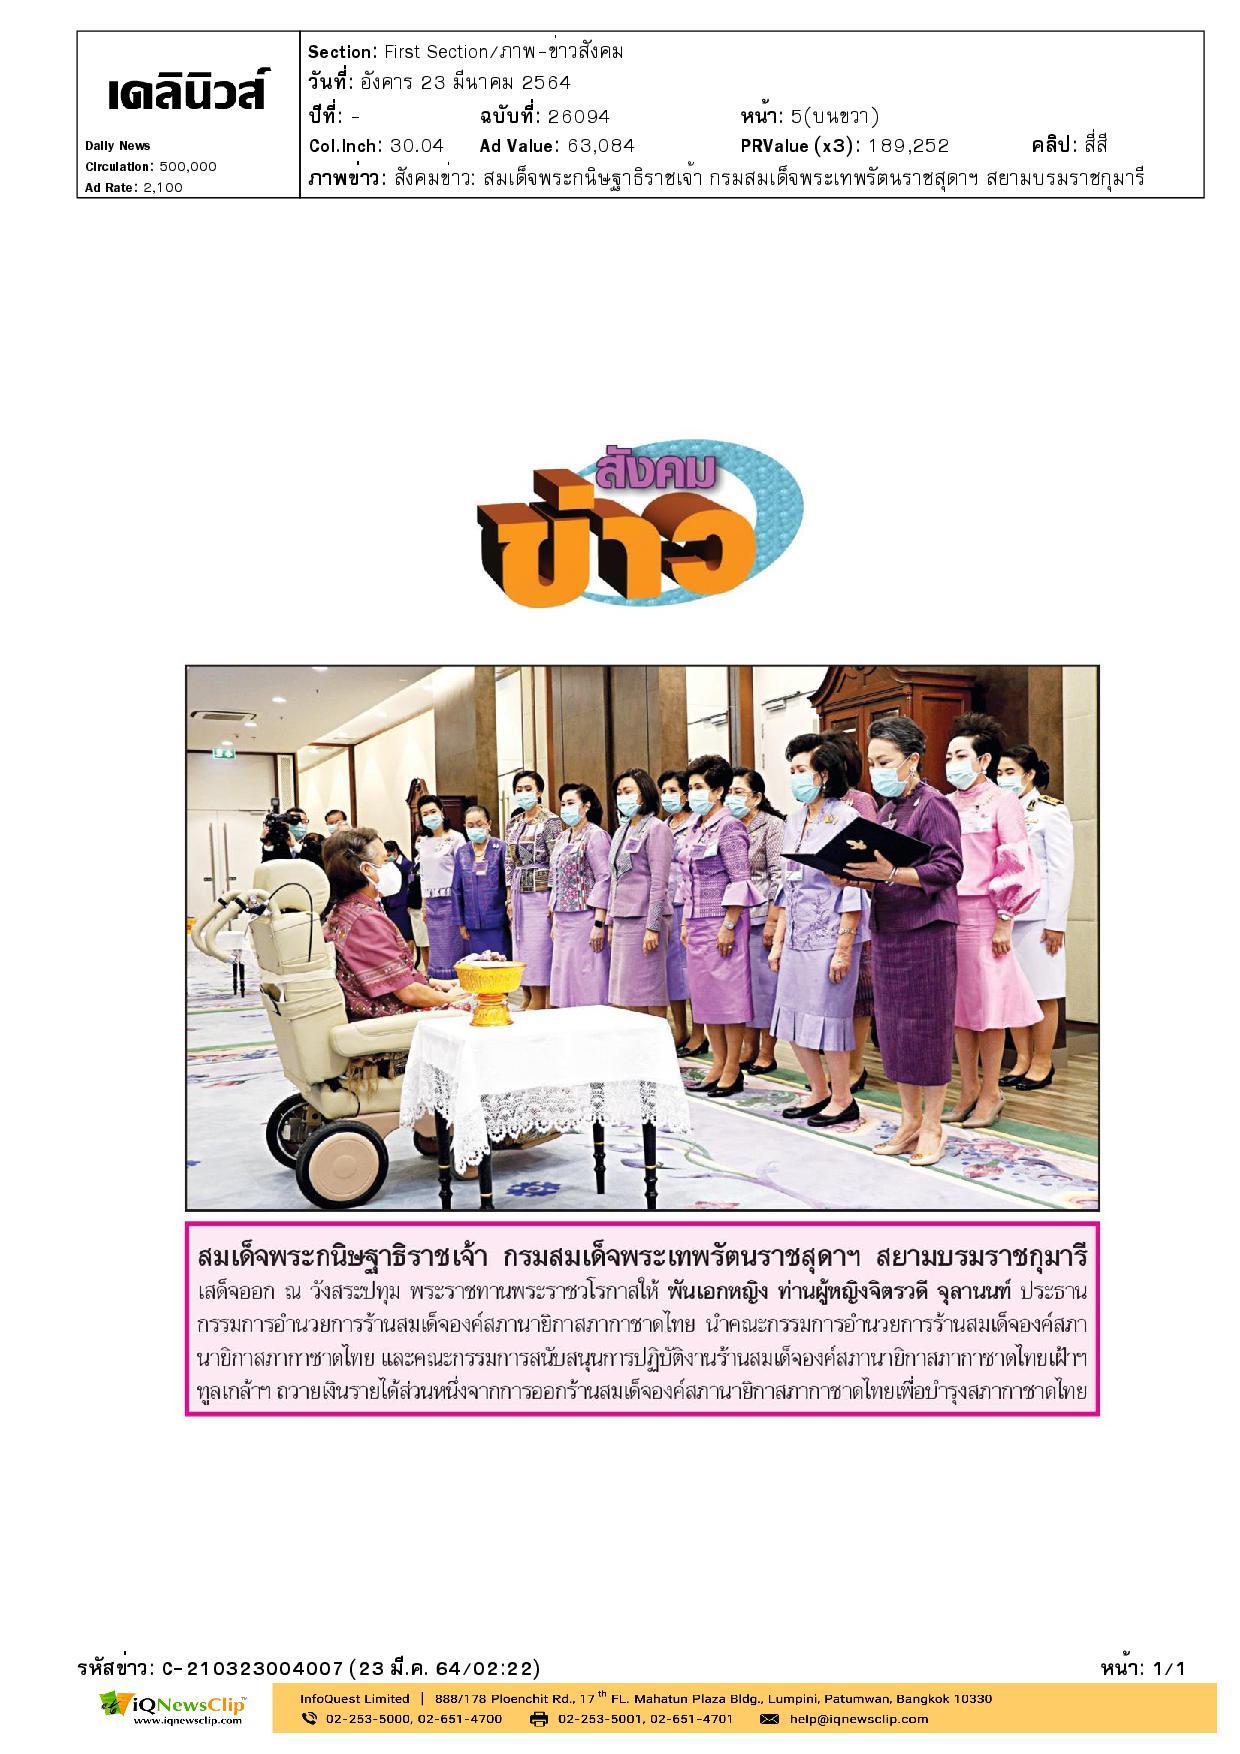 ถวายเงินรายได้ส่วนหนึ่งจากการออกร้านสมเด็จองค์สภานายิกาสภากาชาดไทย เพื่อบำรุงสภากาชาดไทย